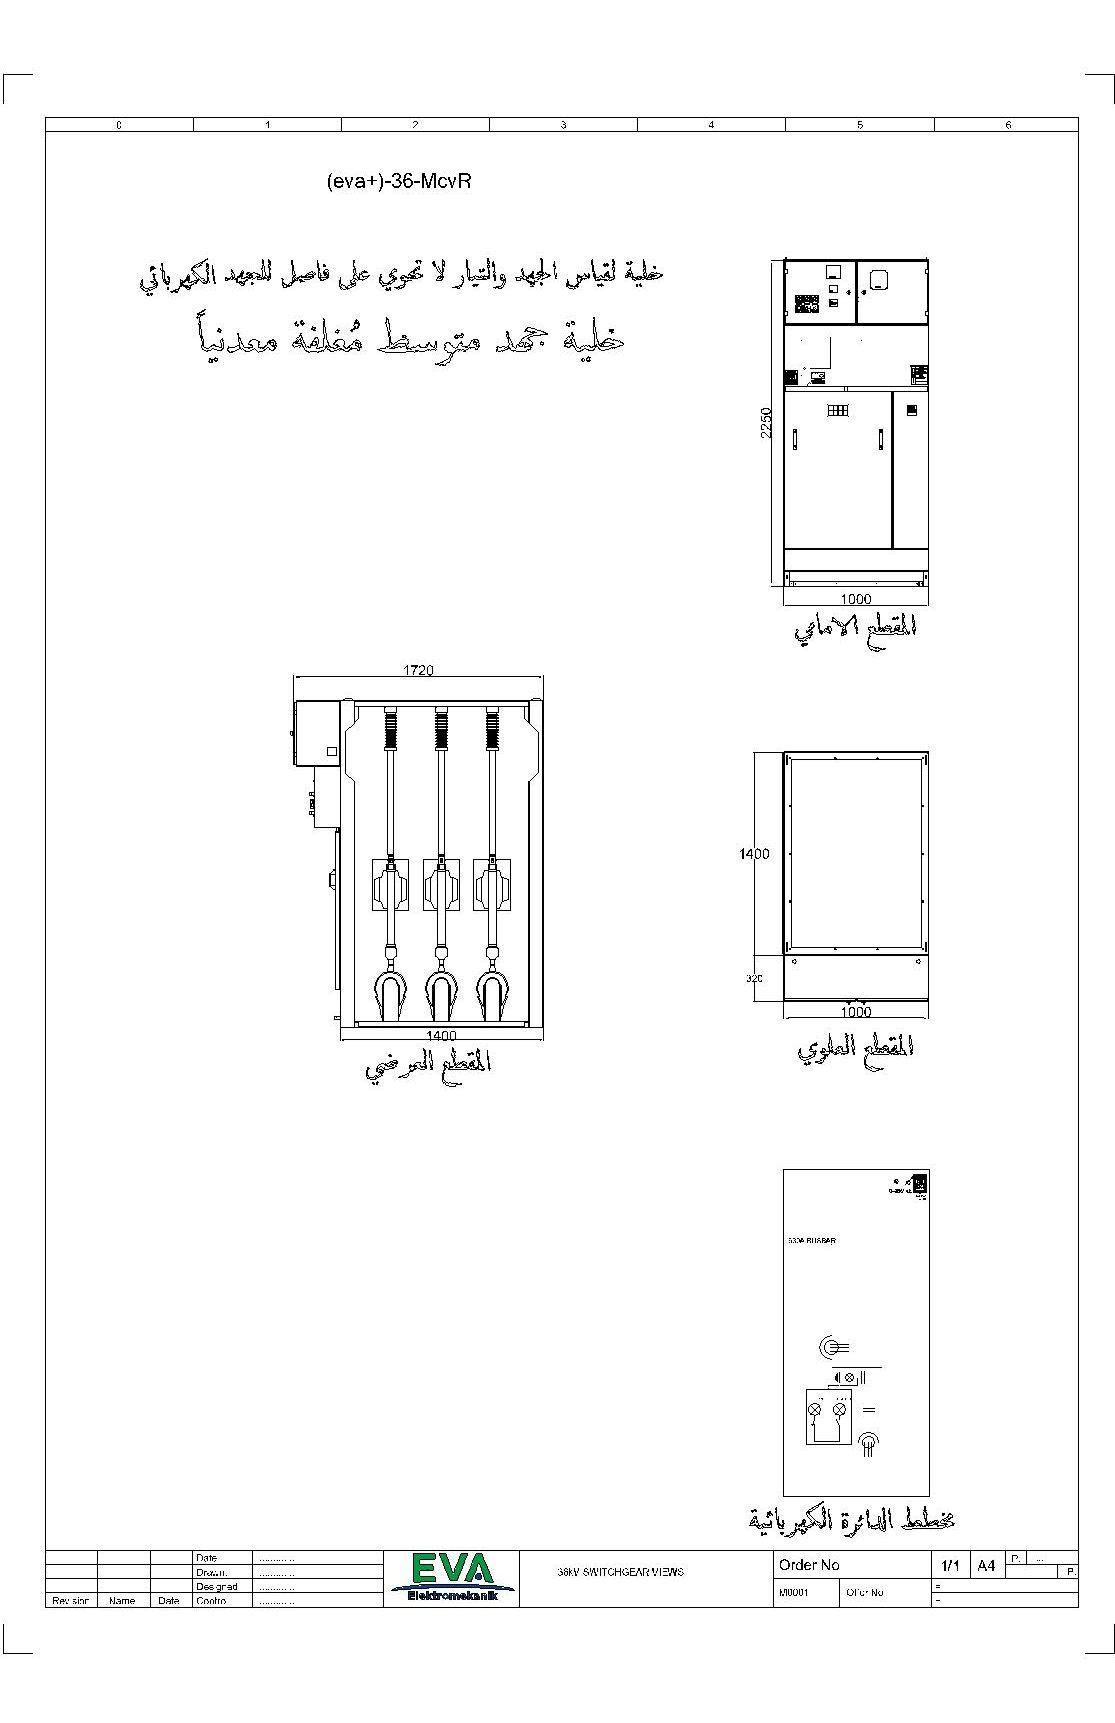 خلية لقياس الجهد والتيار لا تحوي على فاصل للجهد الكهربائي